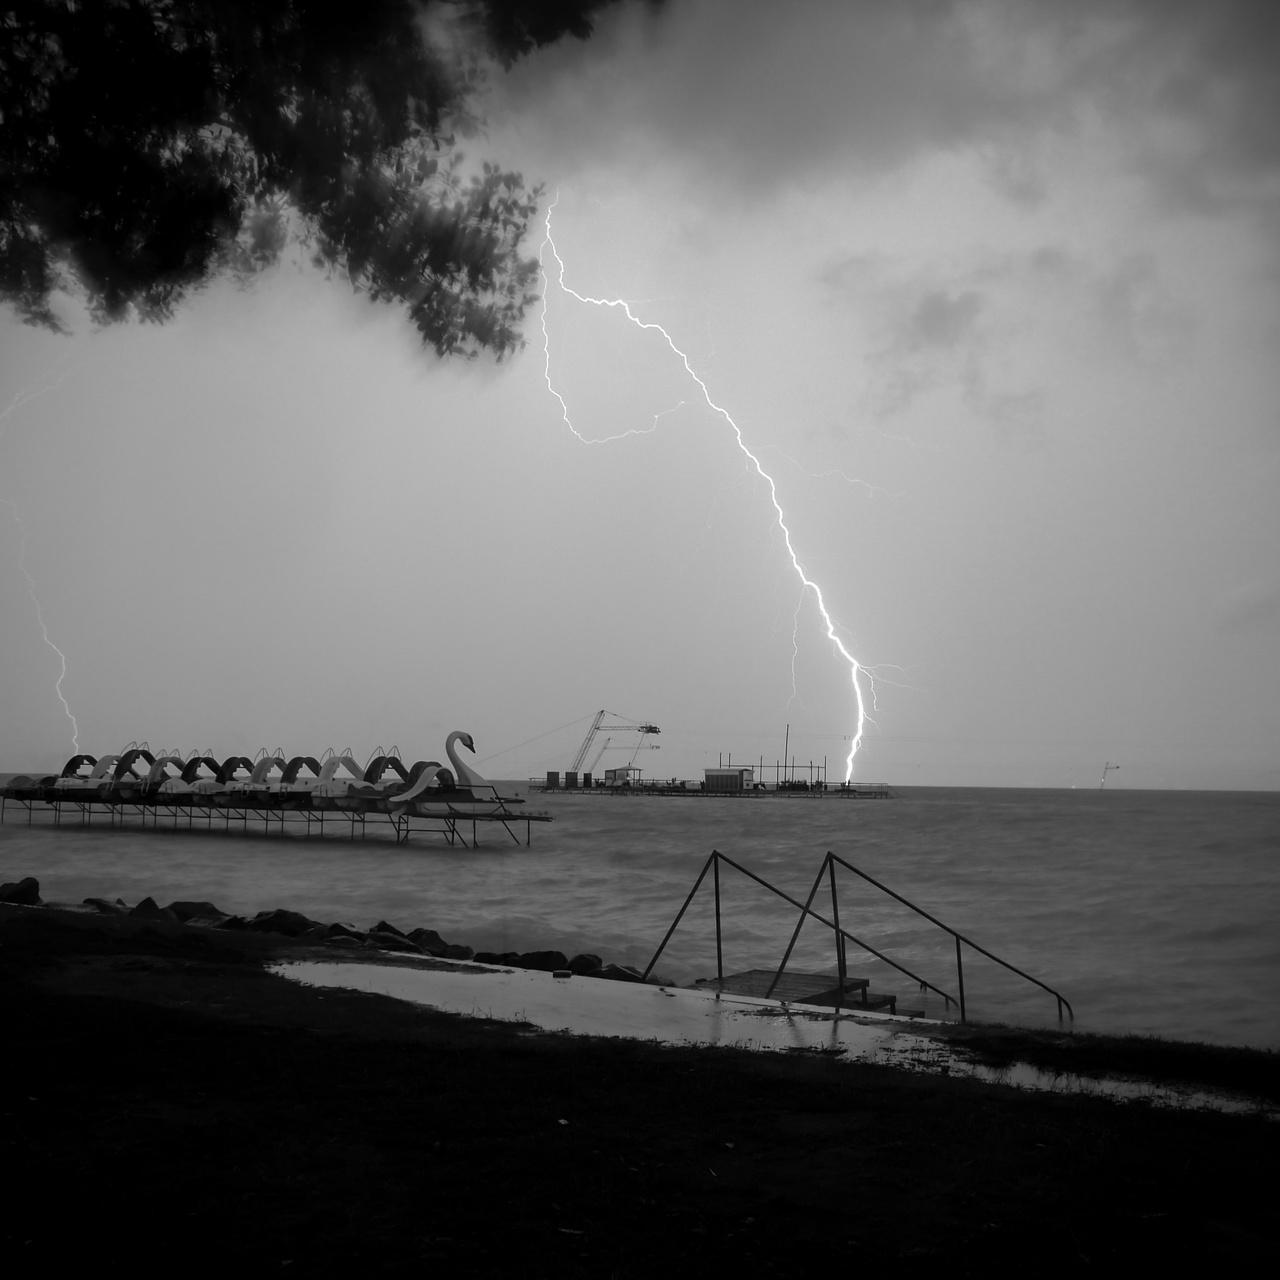 Das Blitzschlag-Paradoxon